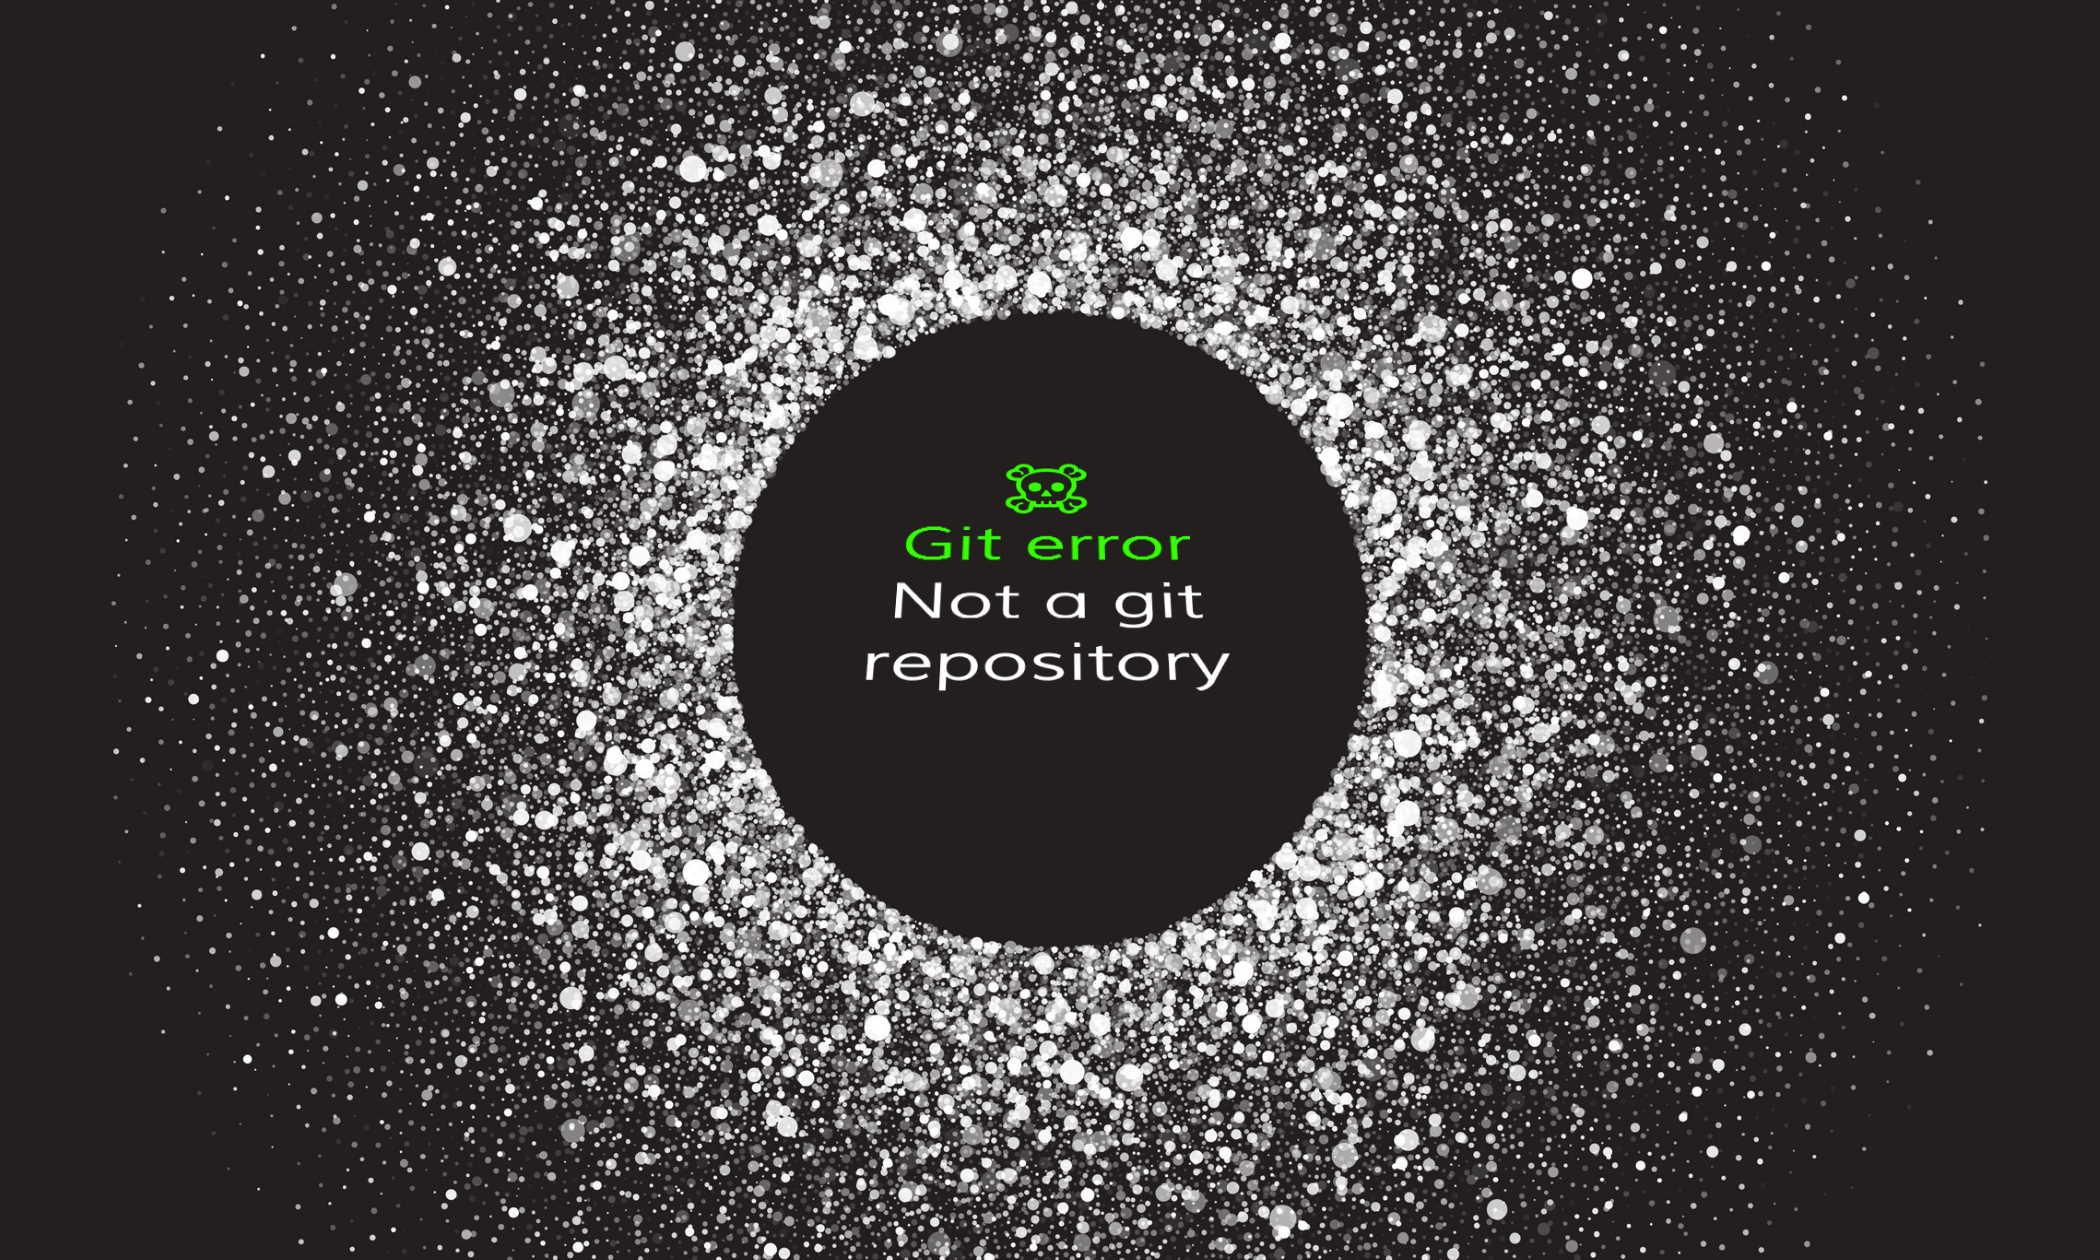 Git error - Fatal: Not a git repository